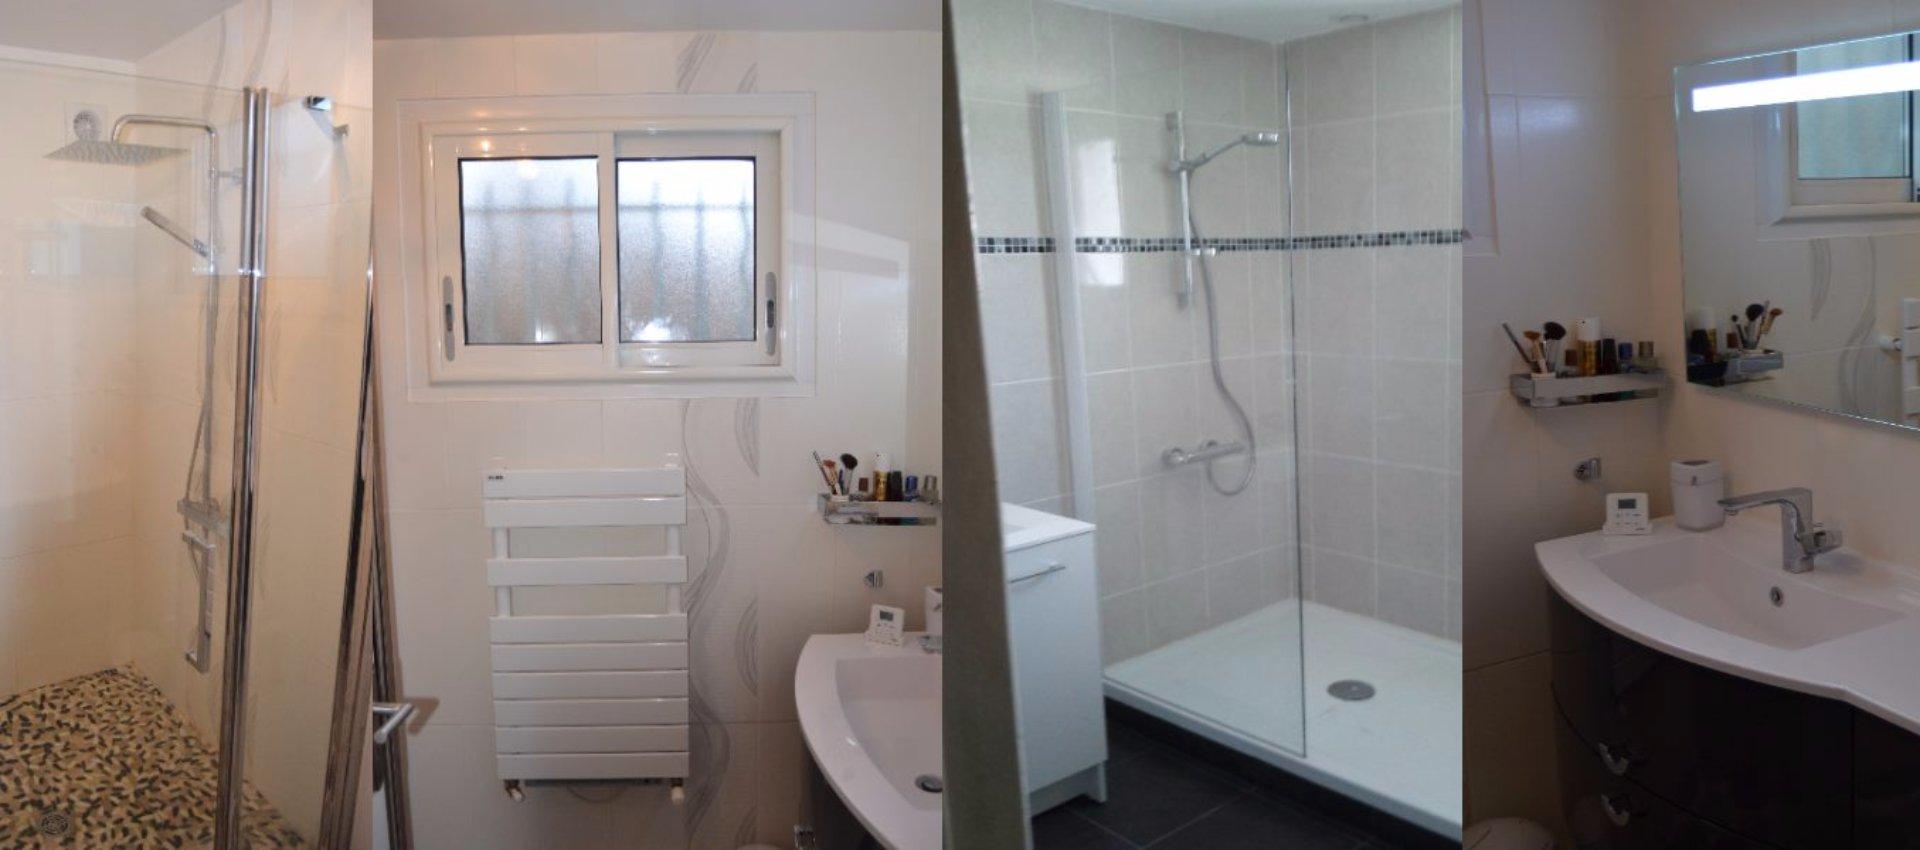 Sanitaire et salle de bains